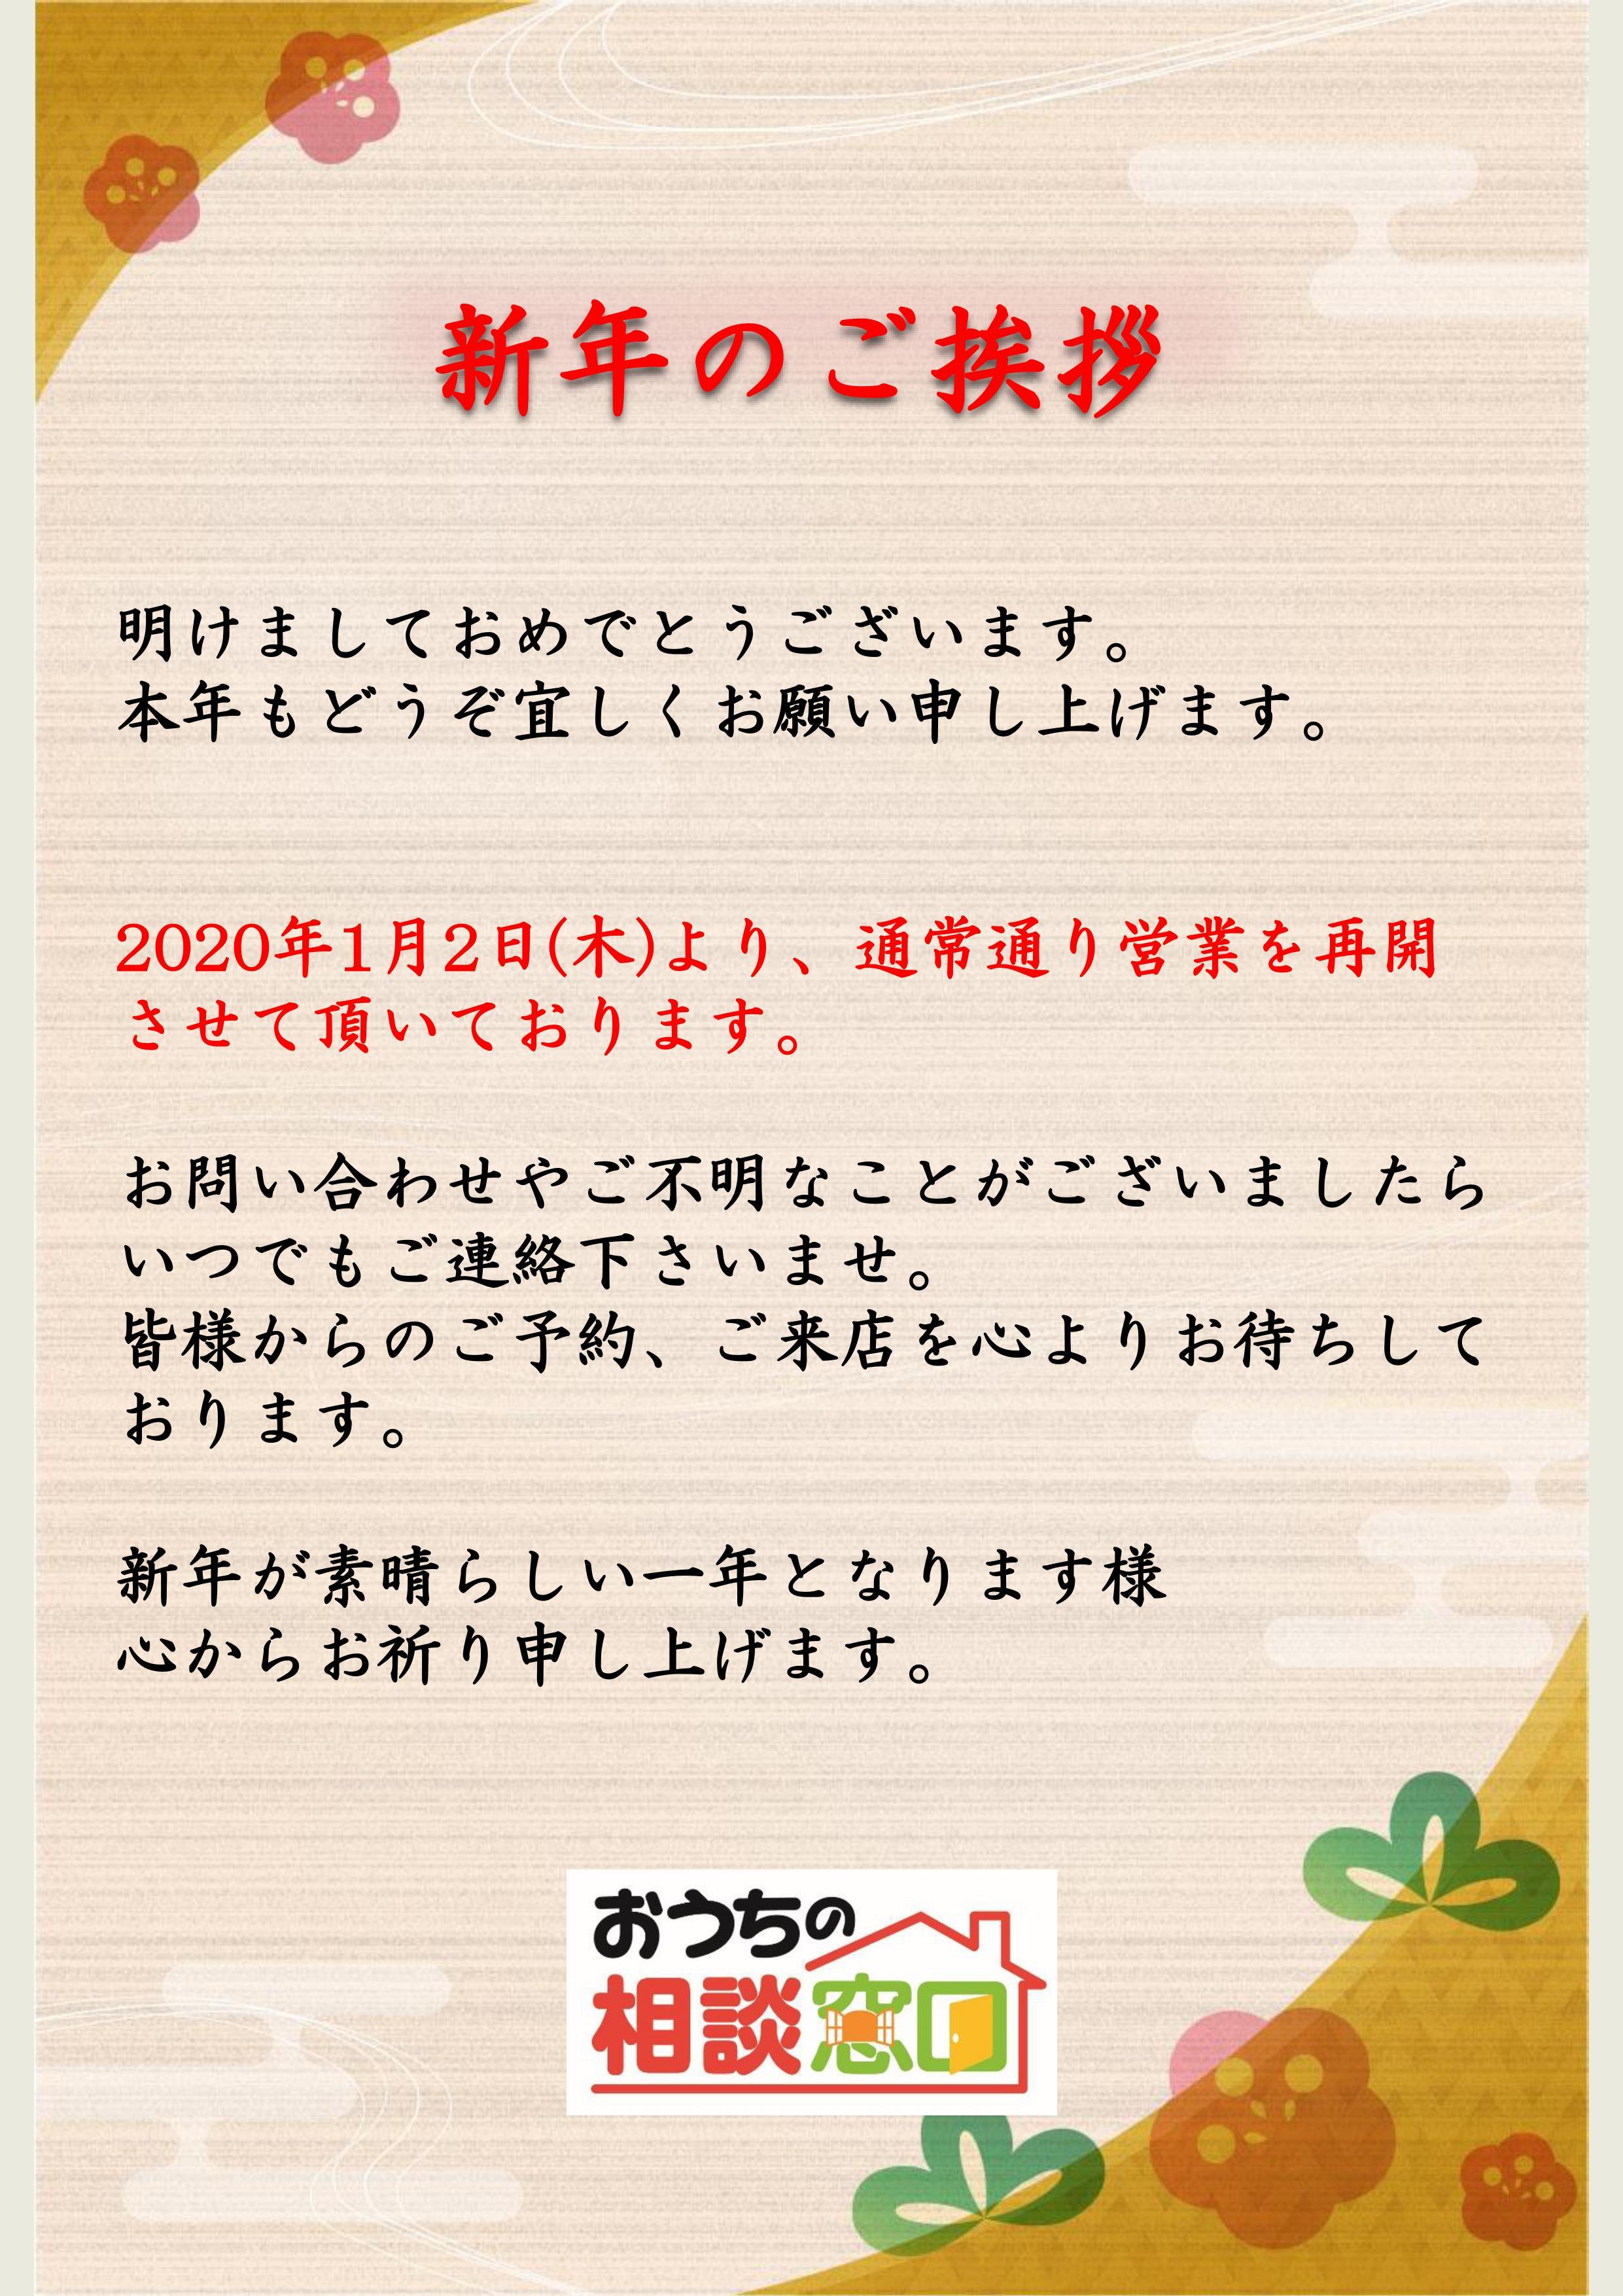 2020新年のご挨拶(ピエリ守山店)